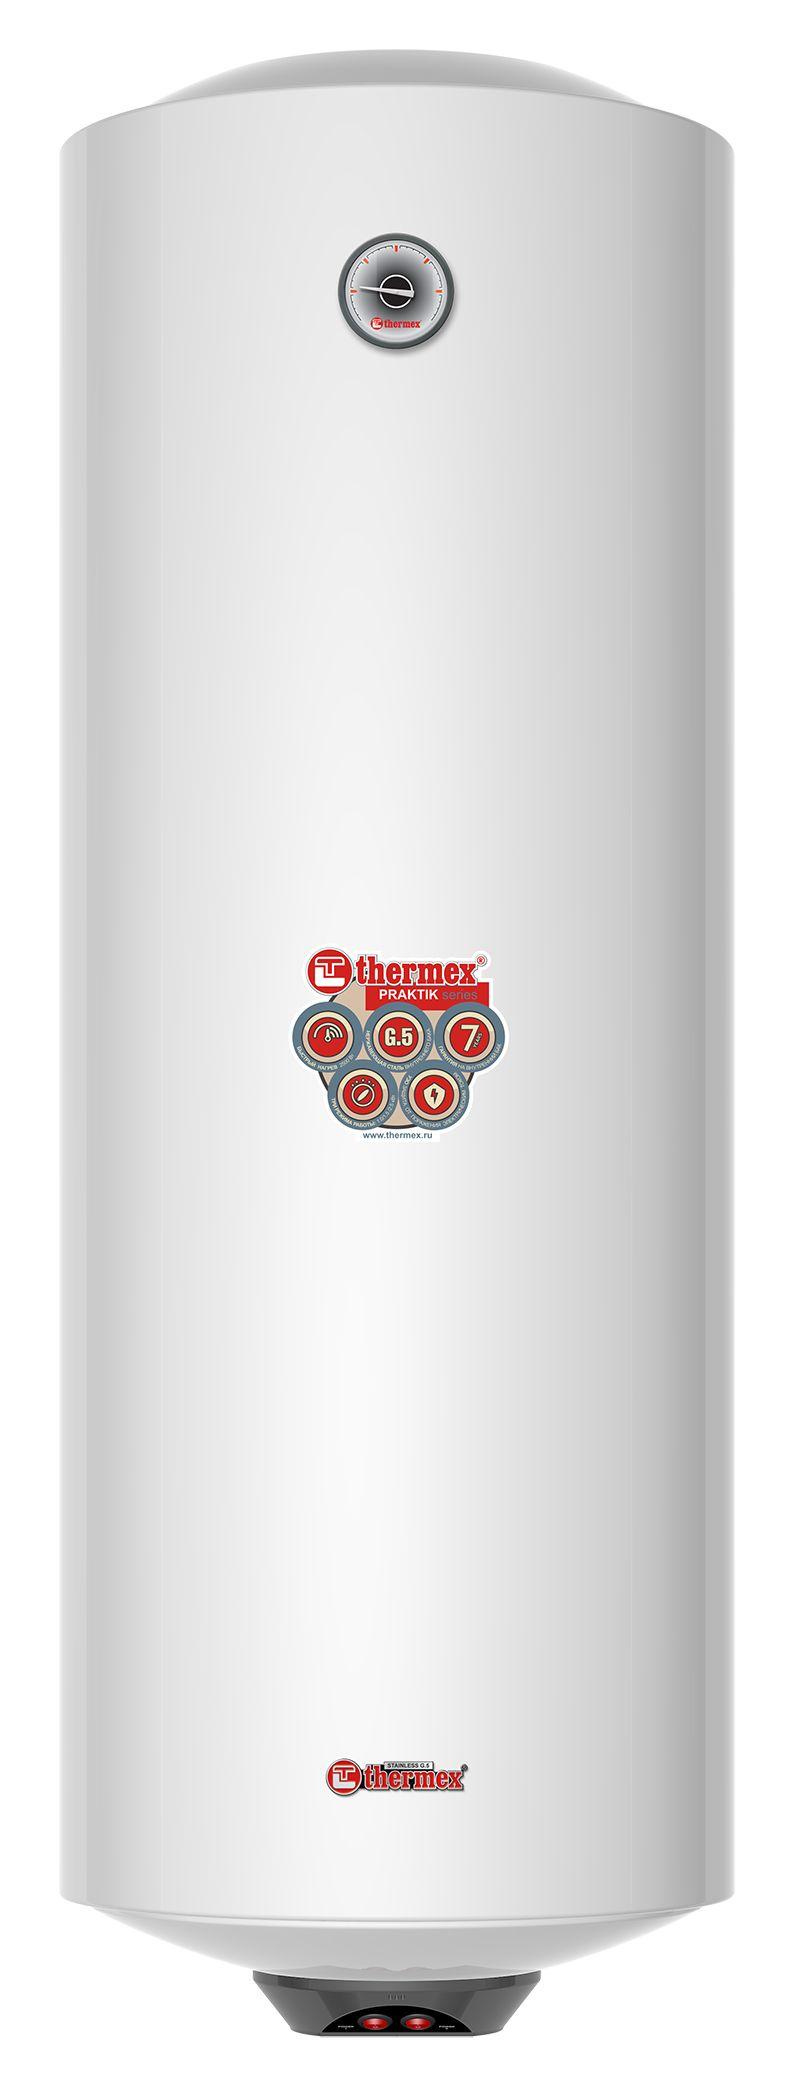 Водонагреватель Thermex Praktik 150 v водонагреватель thermex praktik 150 v 2 5квт 150л электрический настенный